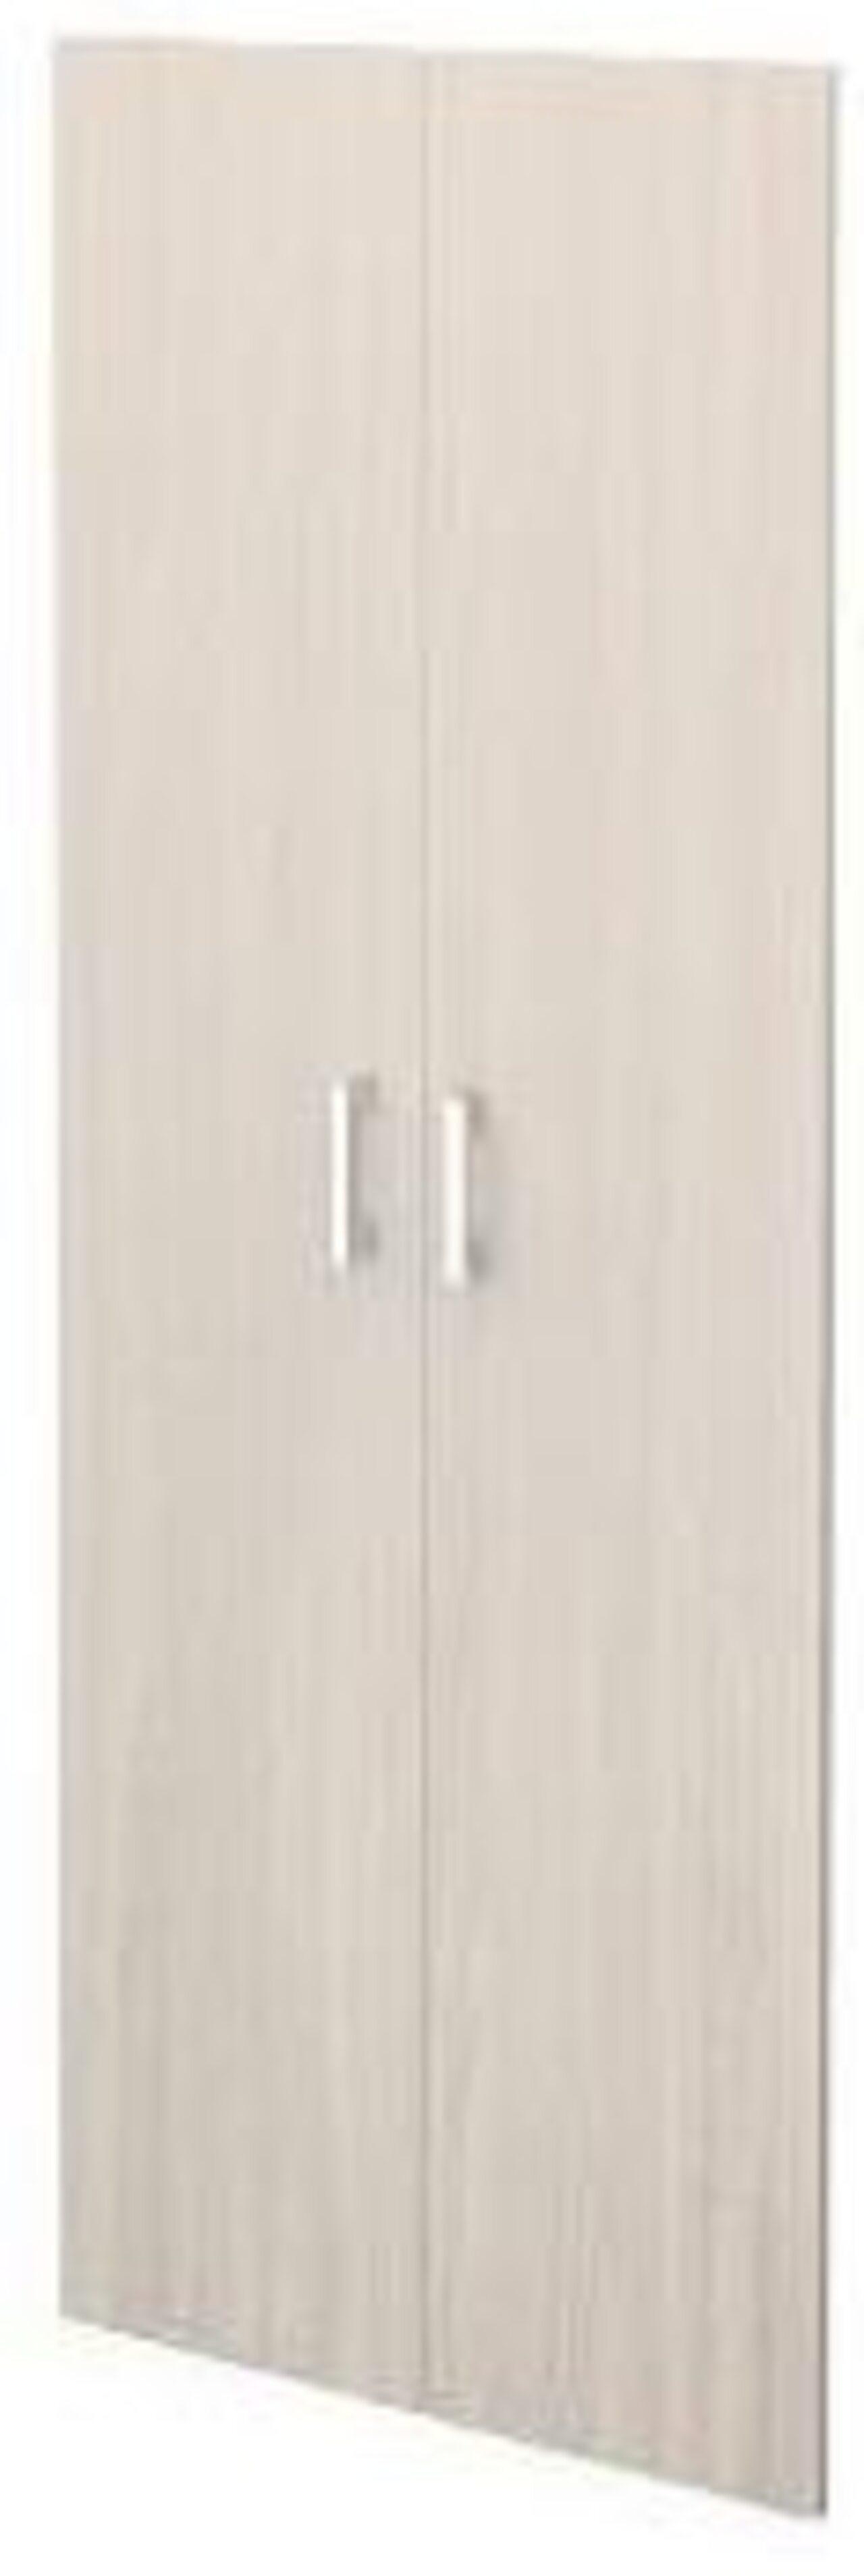 Двери для широких стеллажей  Арго 71x2x191 - фото 6